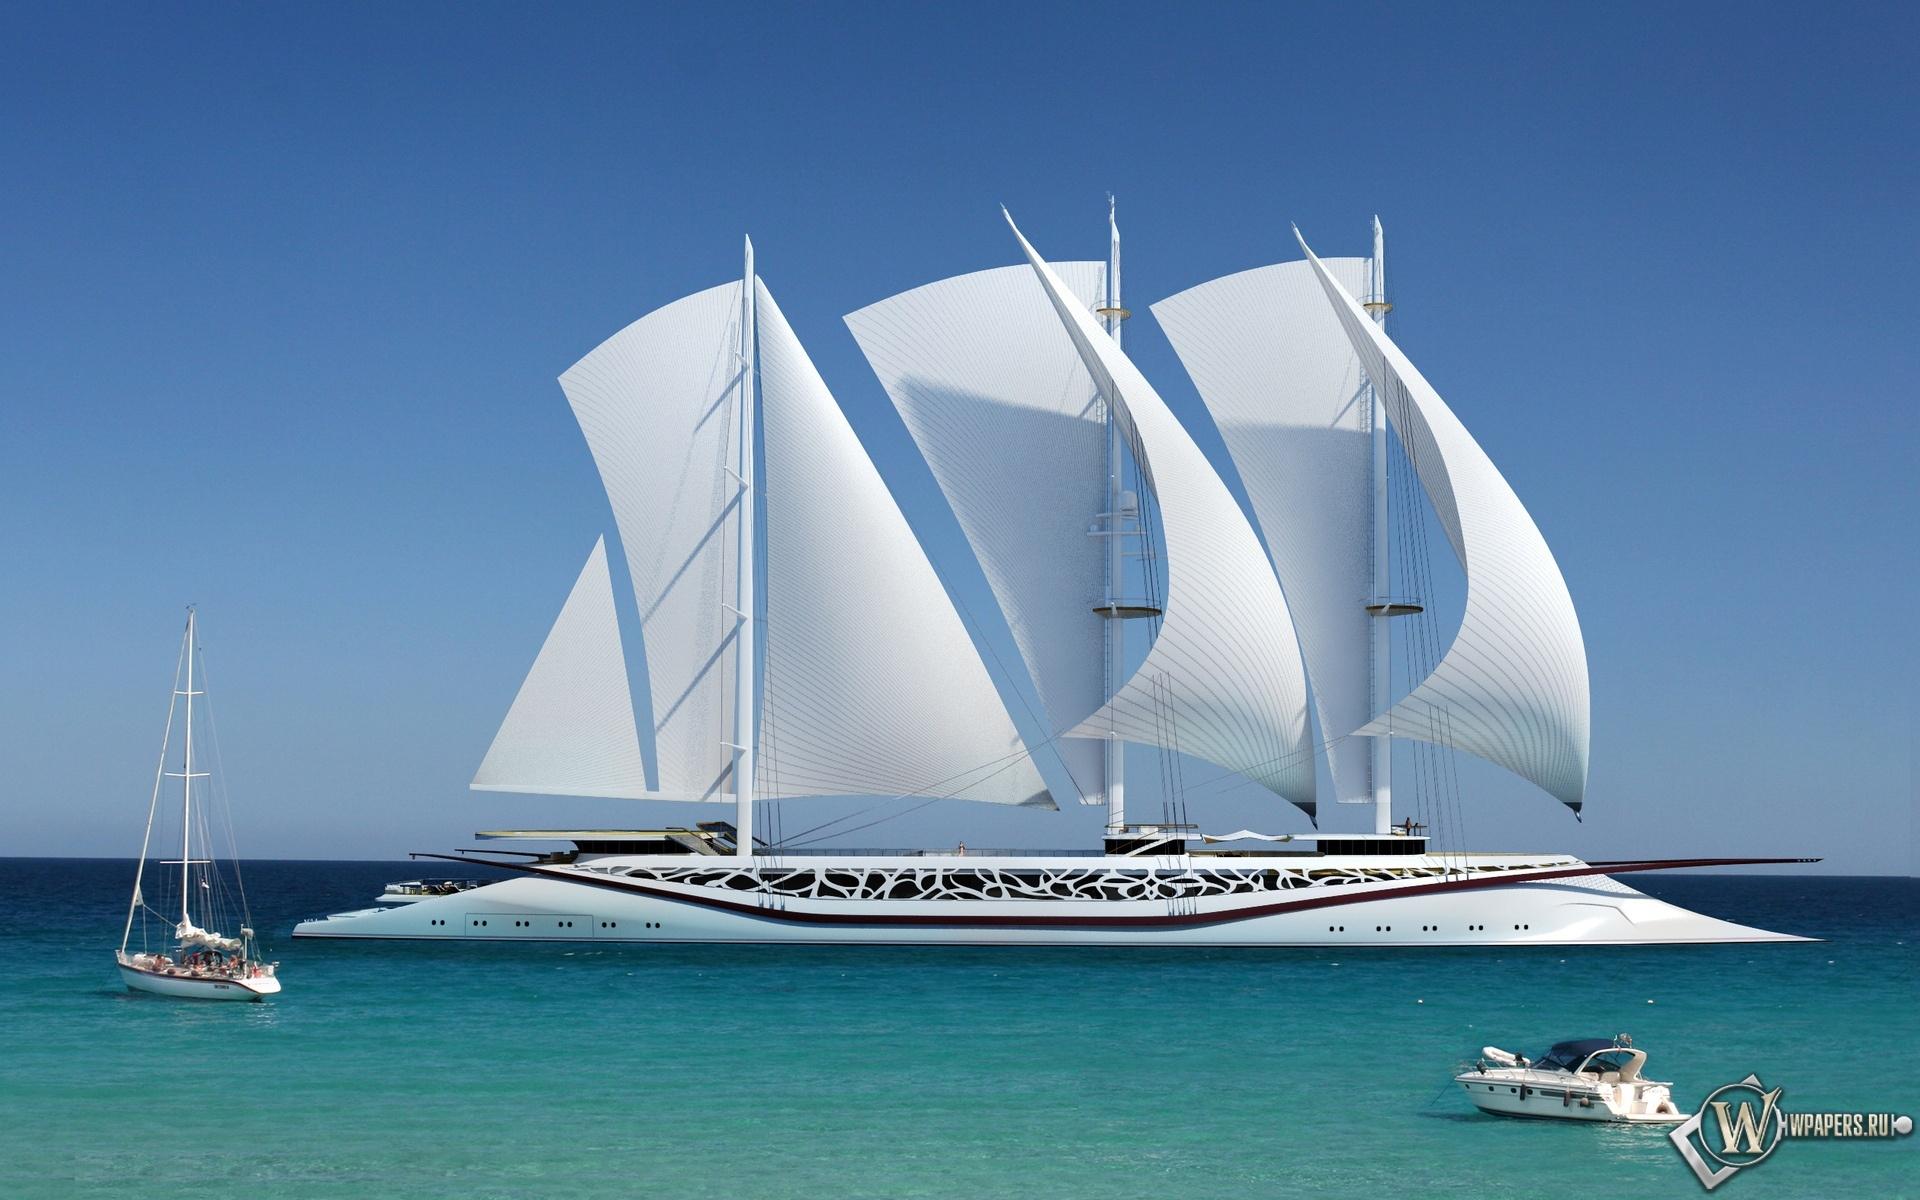 Шикарное парусное судно 1920x1200